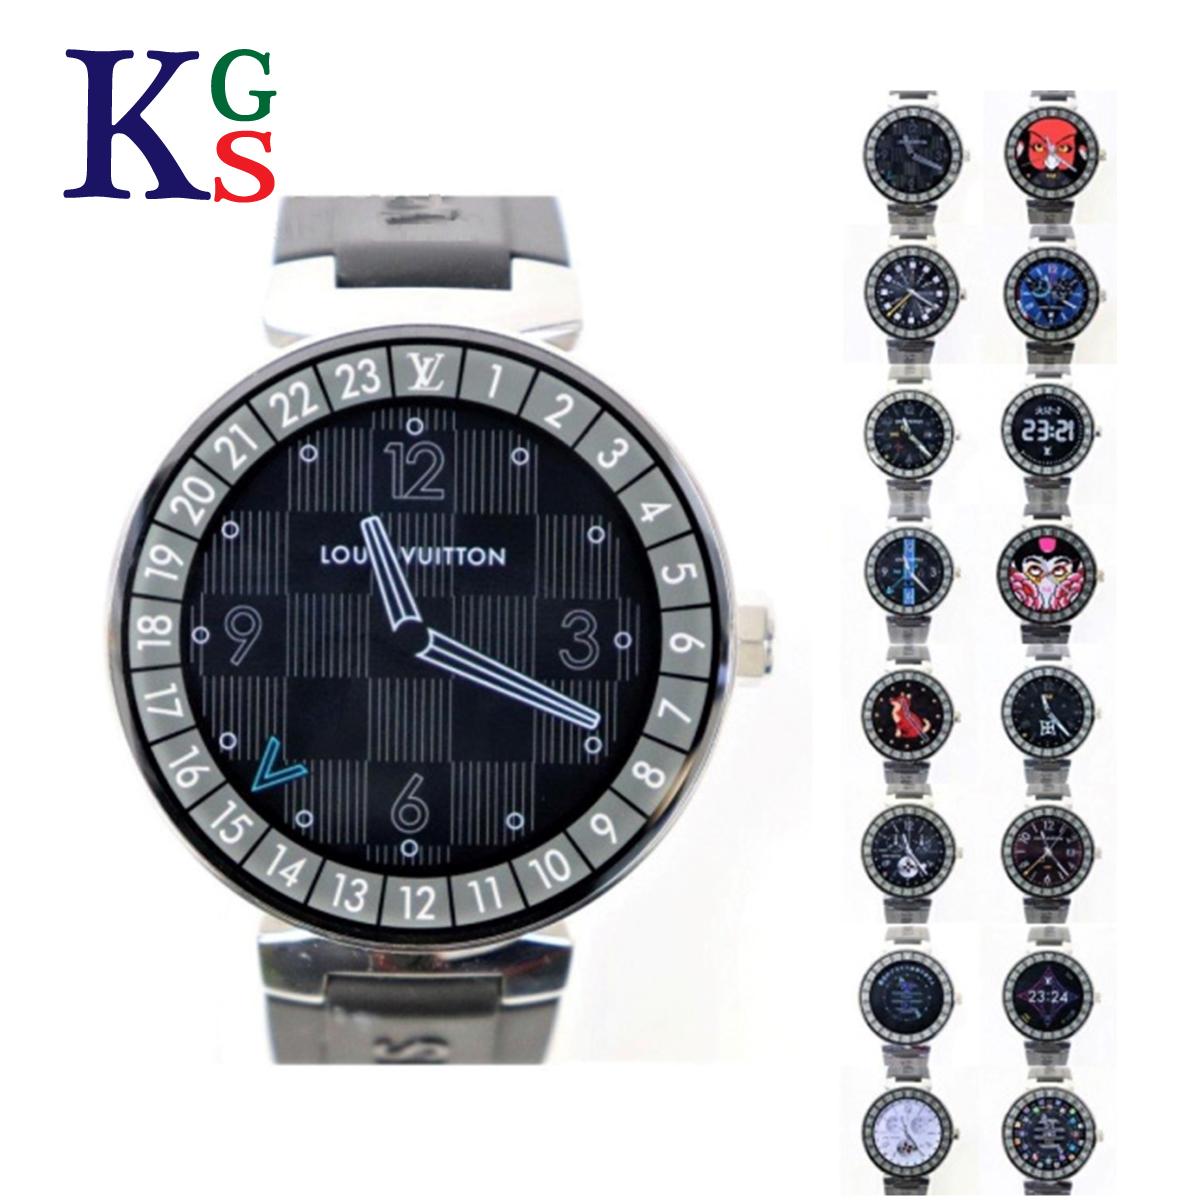 【ギフト品質】ルイヴィトン/Louis Vuitton タンブール ホライゾン スマートウォッチ 腕時計 メンズ SS QA004Z 1227